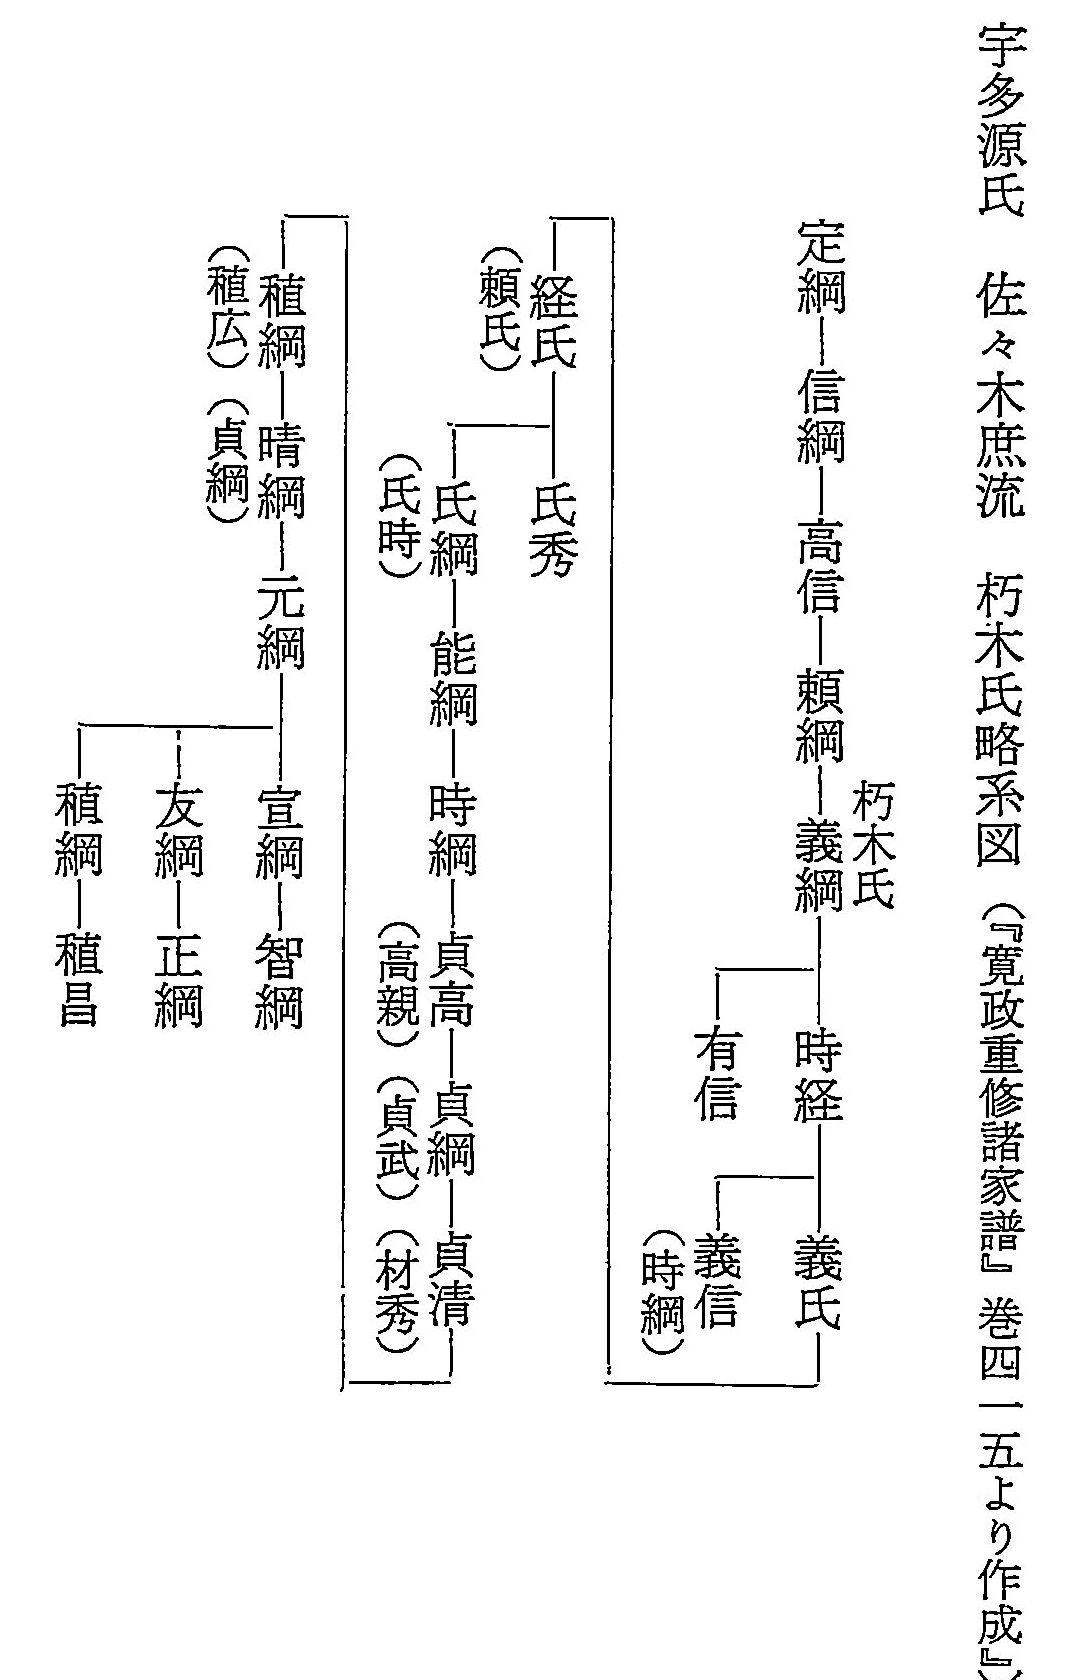 朽木氏略系図